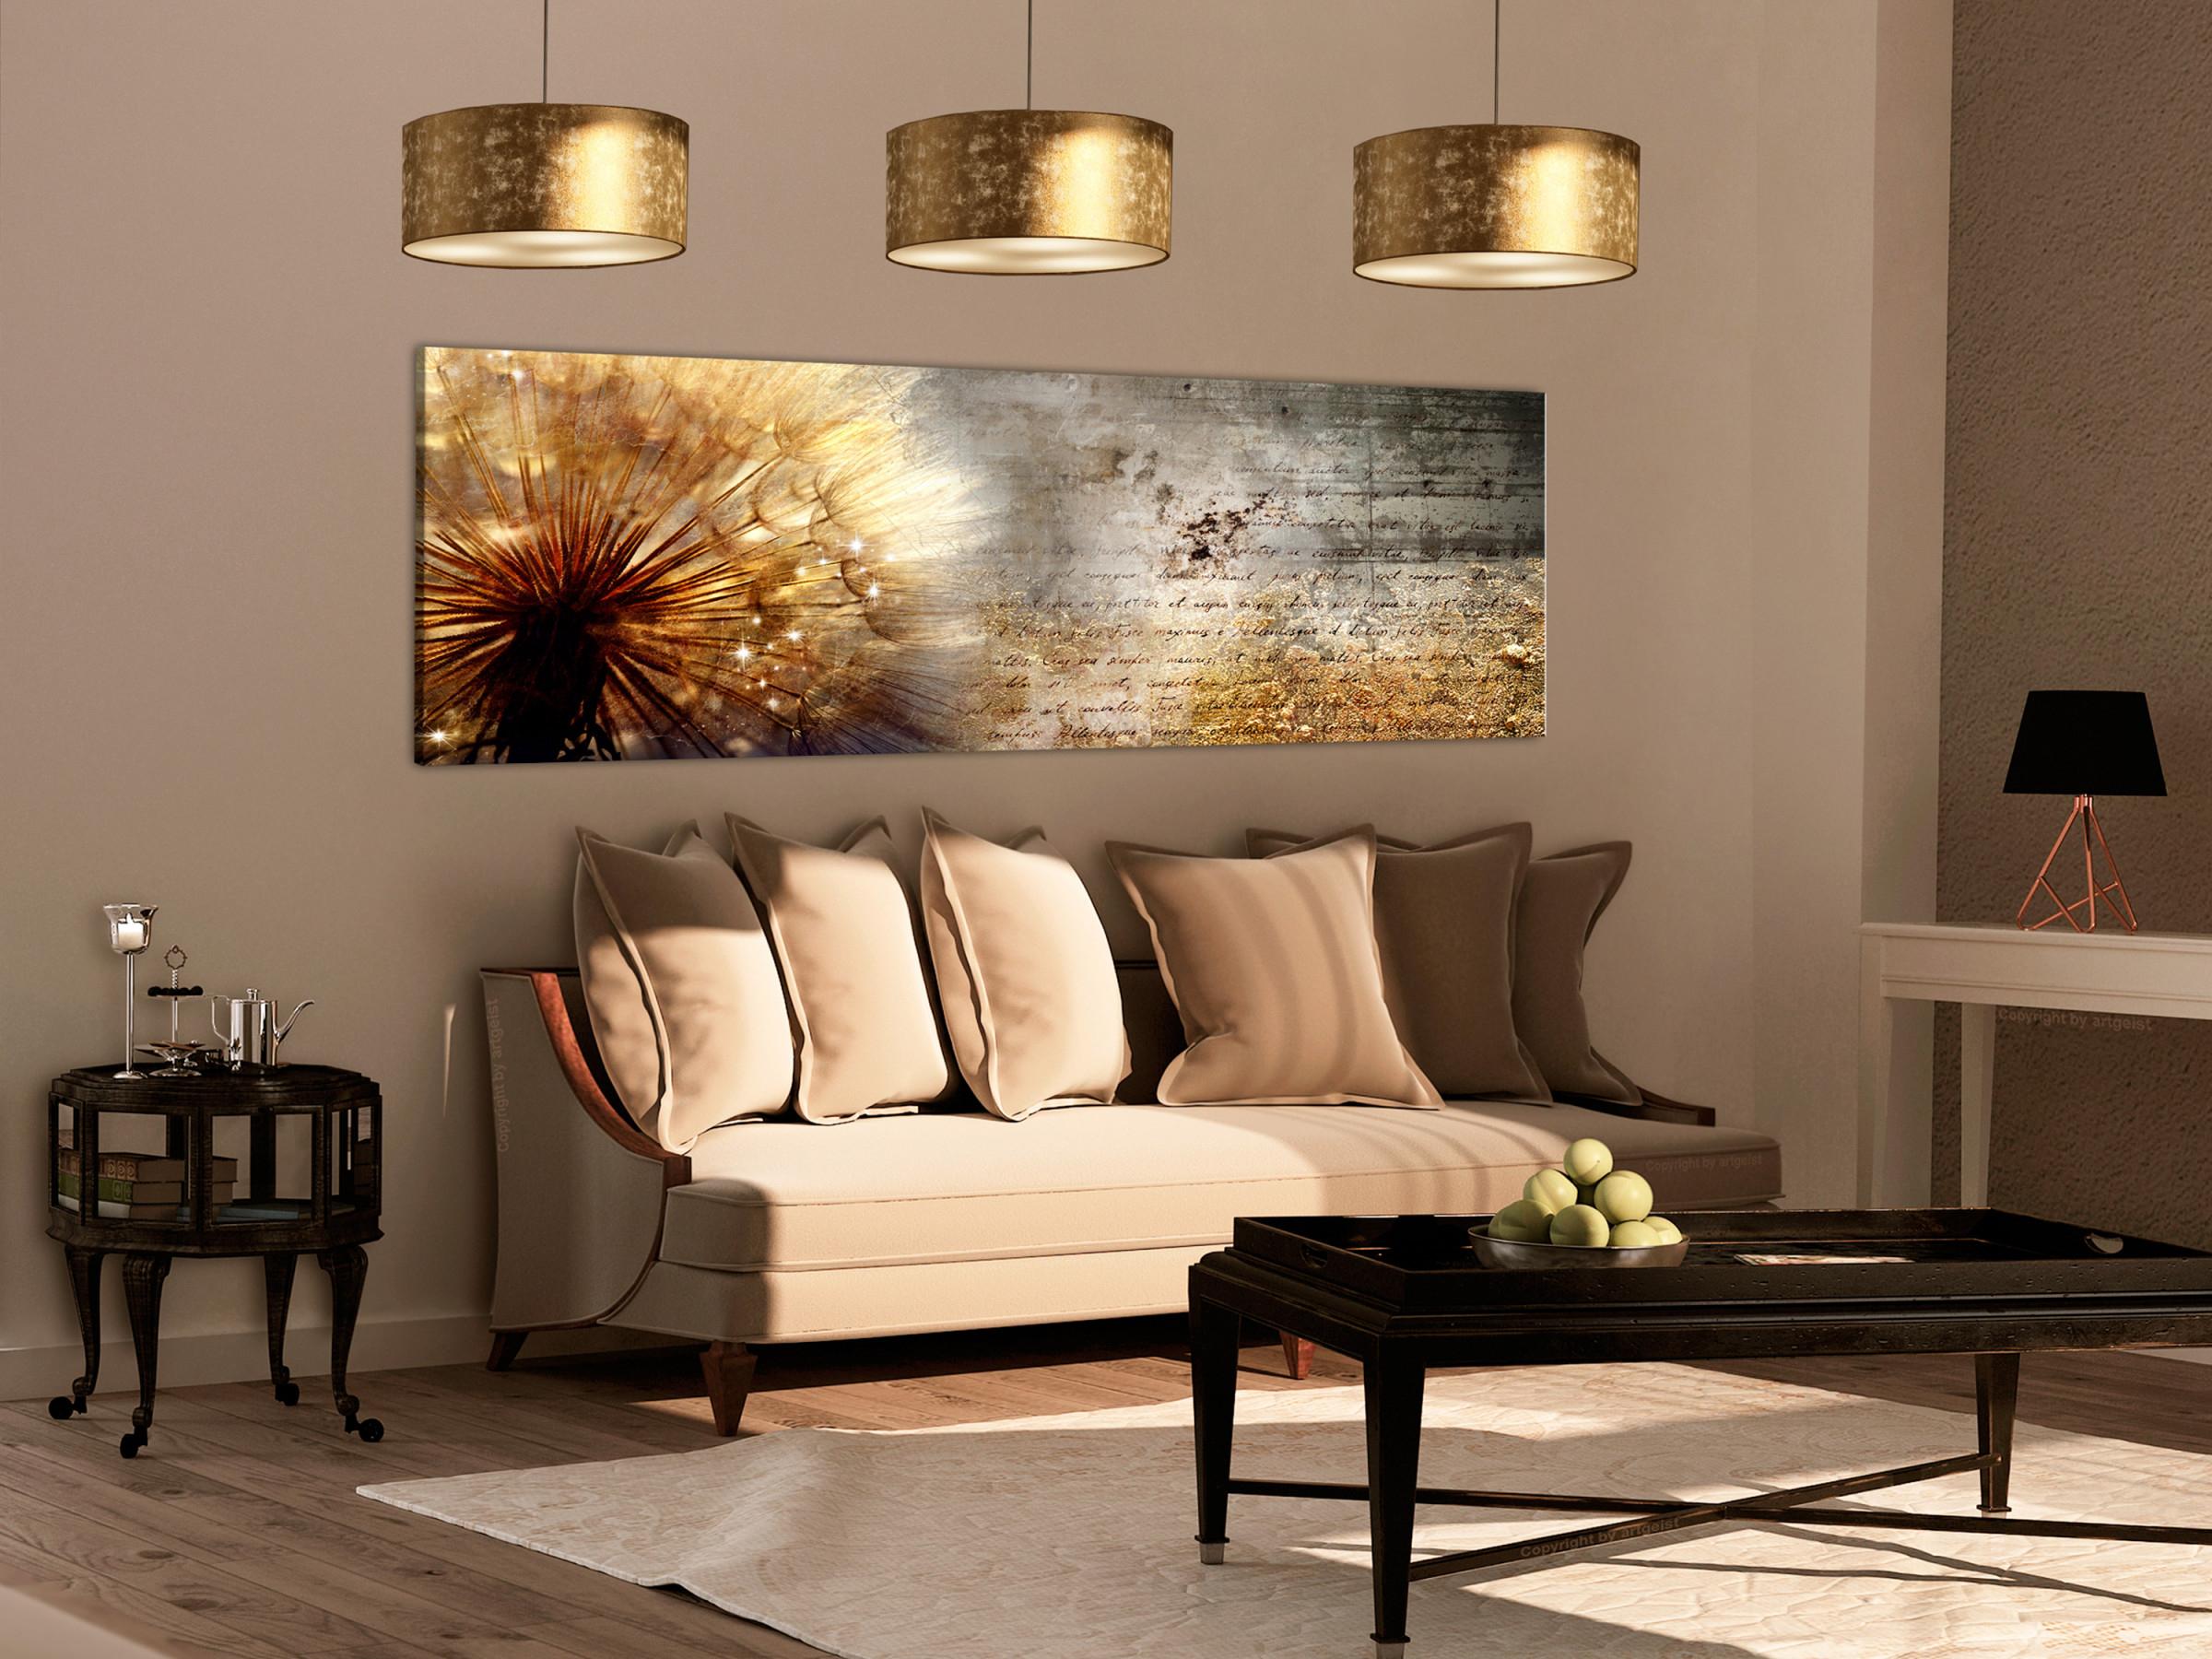 Details Zu Wandbilder Xxl Pusteblume Abstrakt Natur Leinwand Bilder  Wohnzimmer Bc0180Bb von Wohnzimmer Bilder Xxl Photo